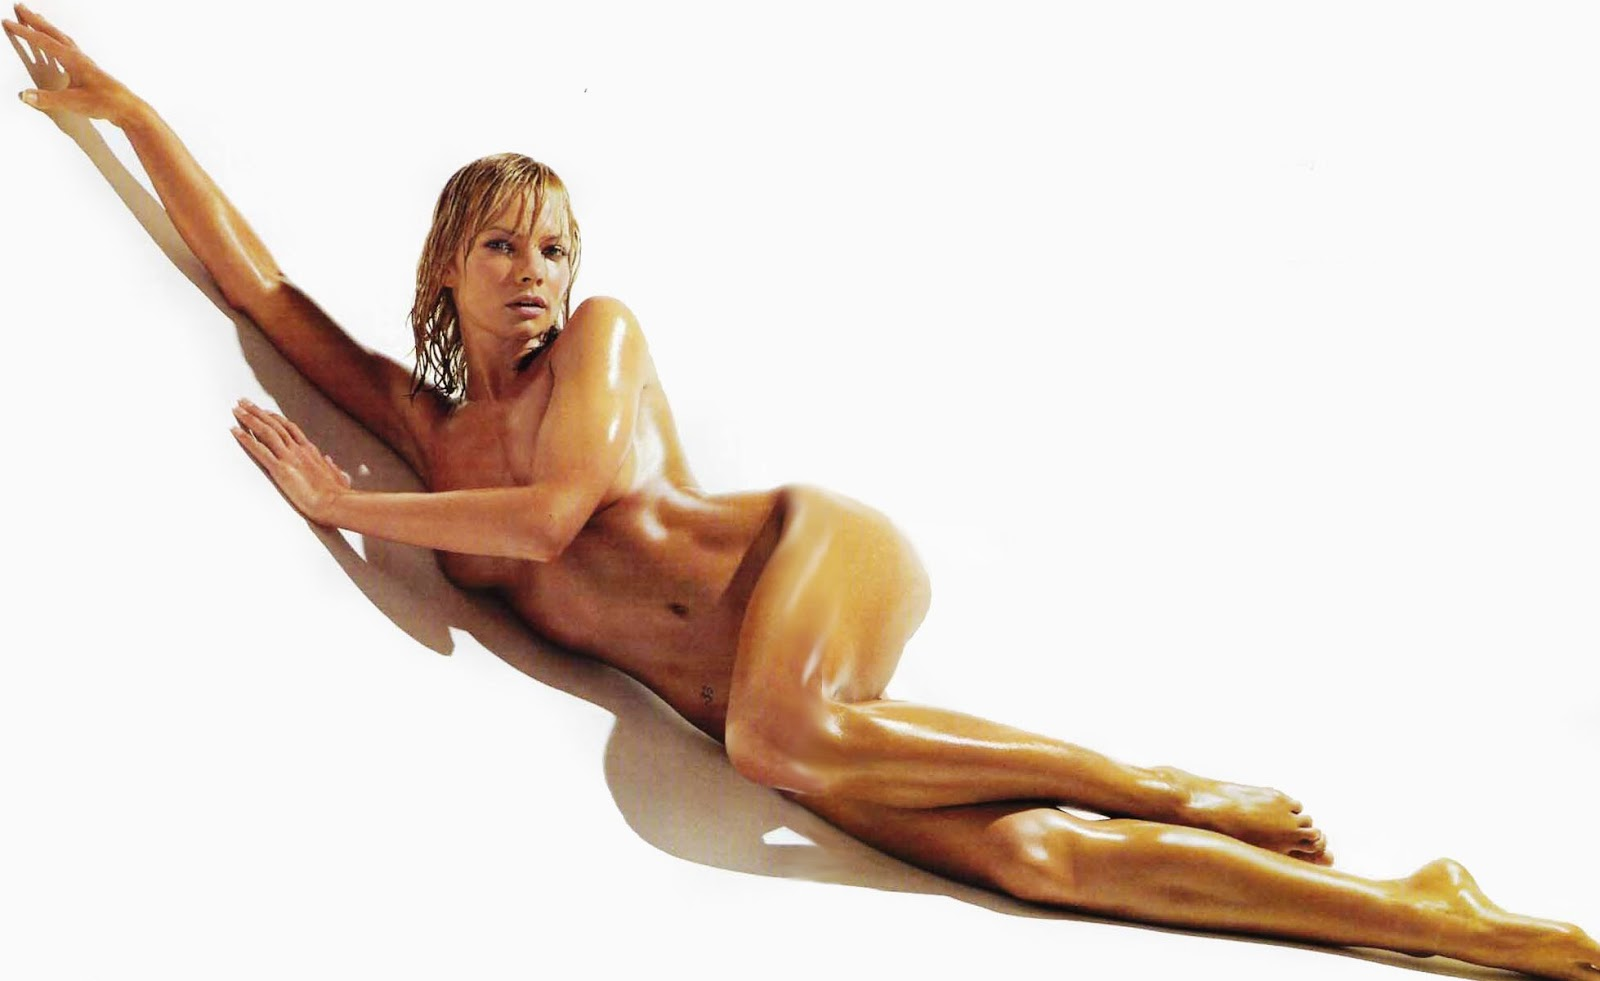 My nake is earl girl